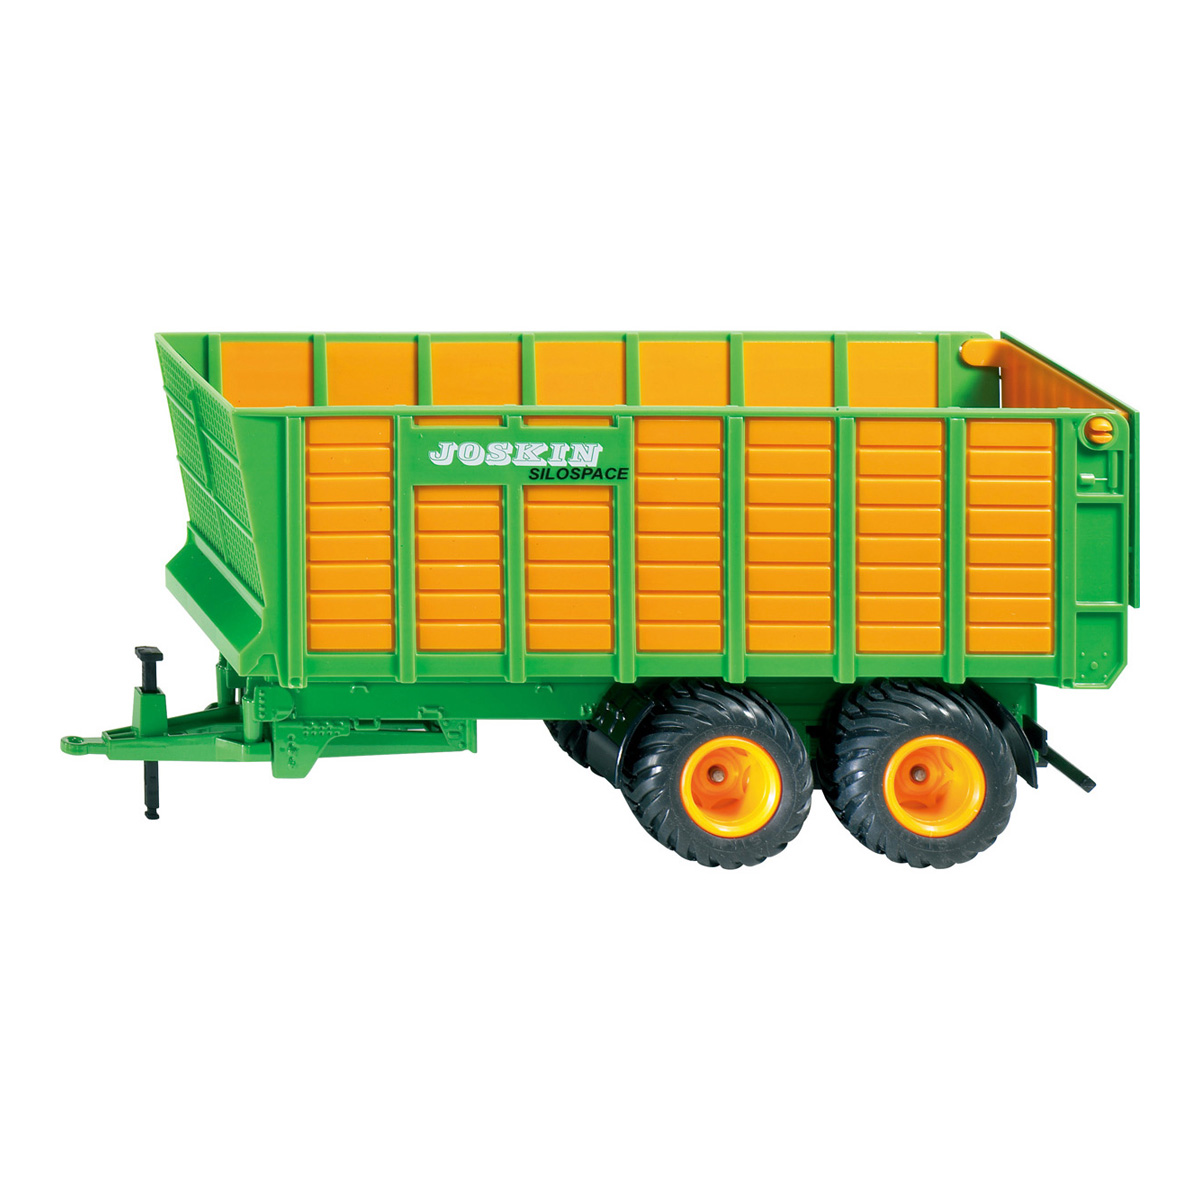 ファーマー 牧草運搬用トレーラー 1/32(ジク・SIKU)